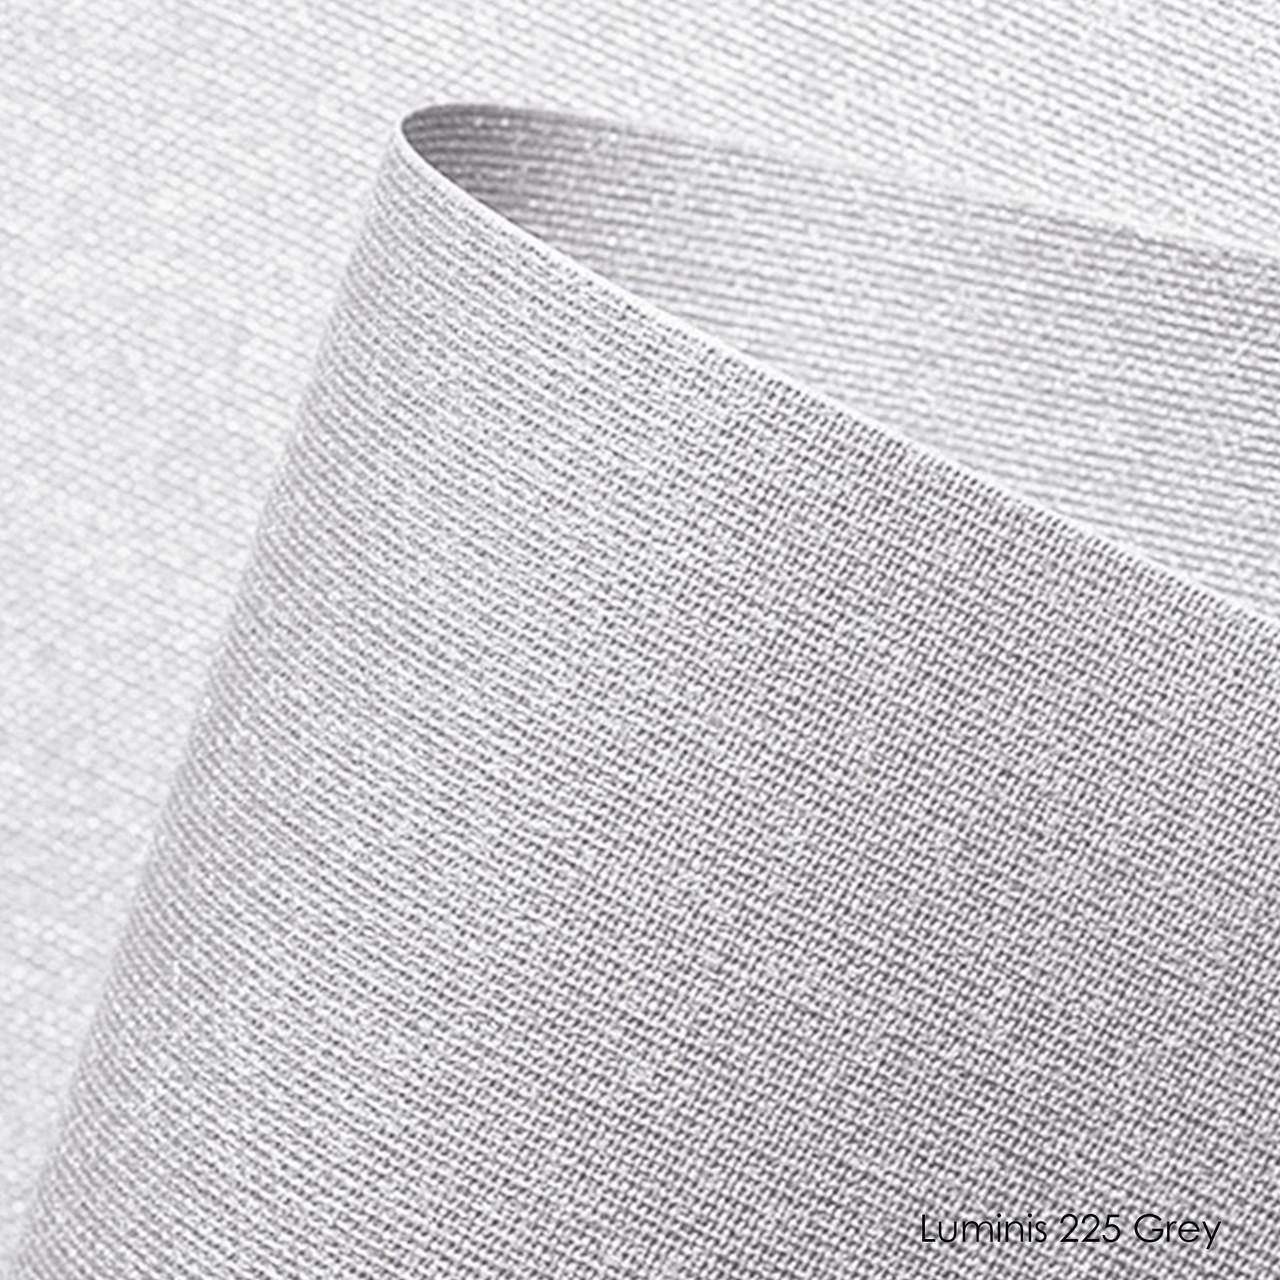 Ролеты тканевые Luminis-225 grey